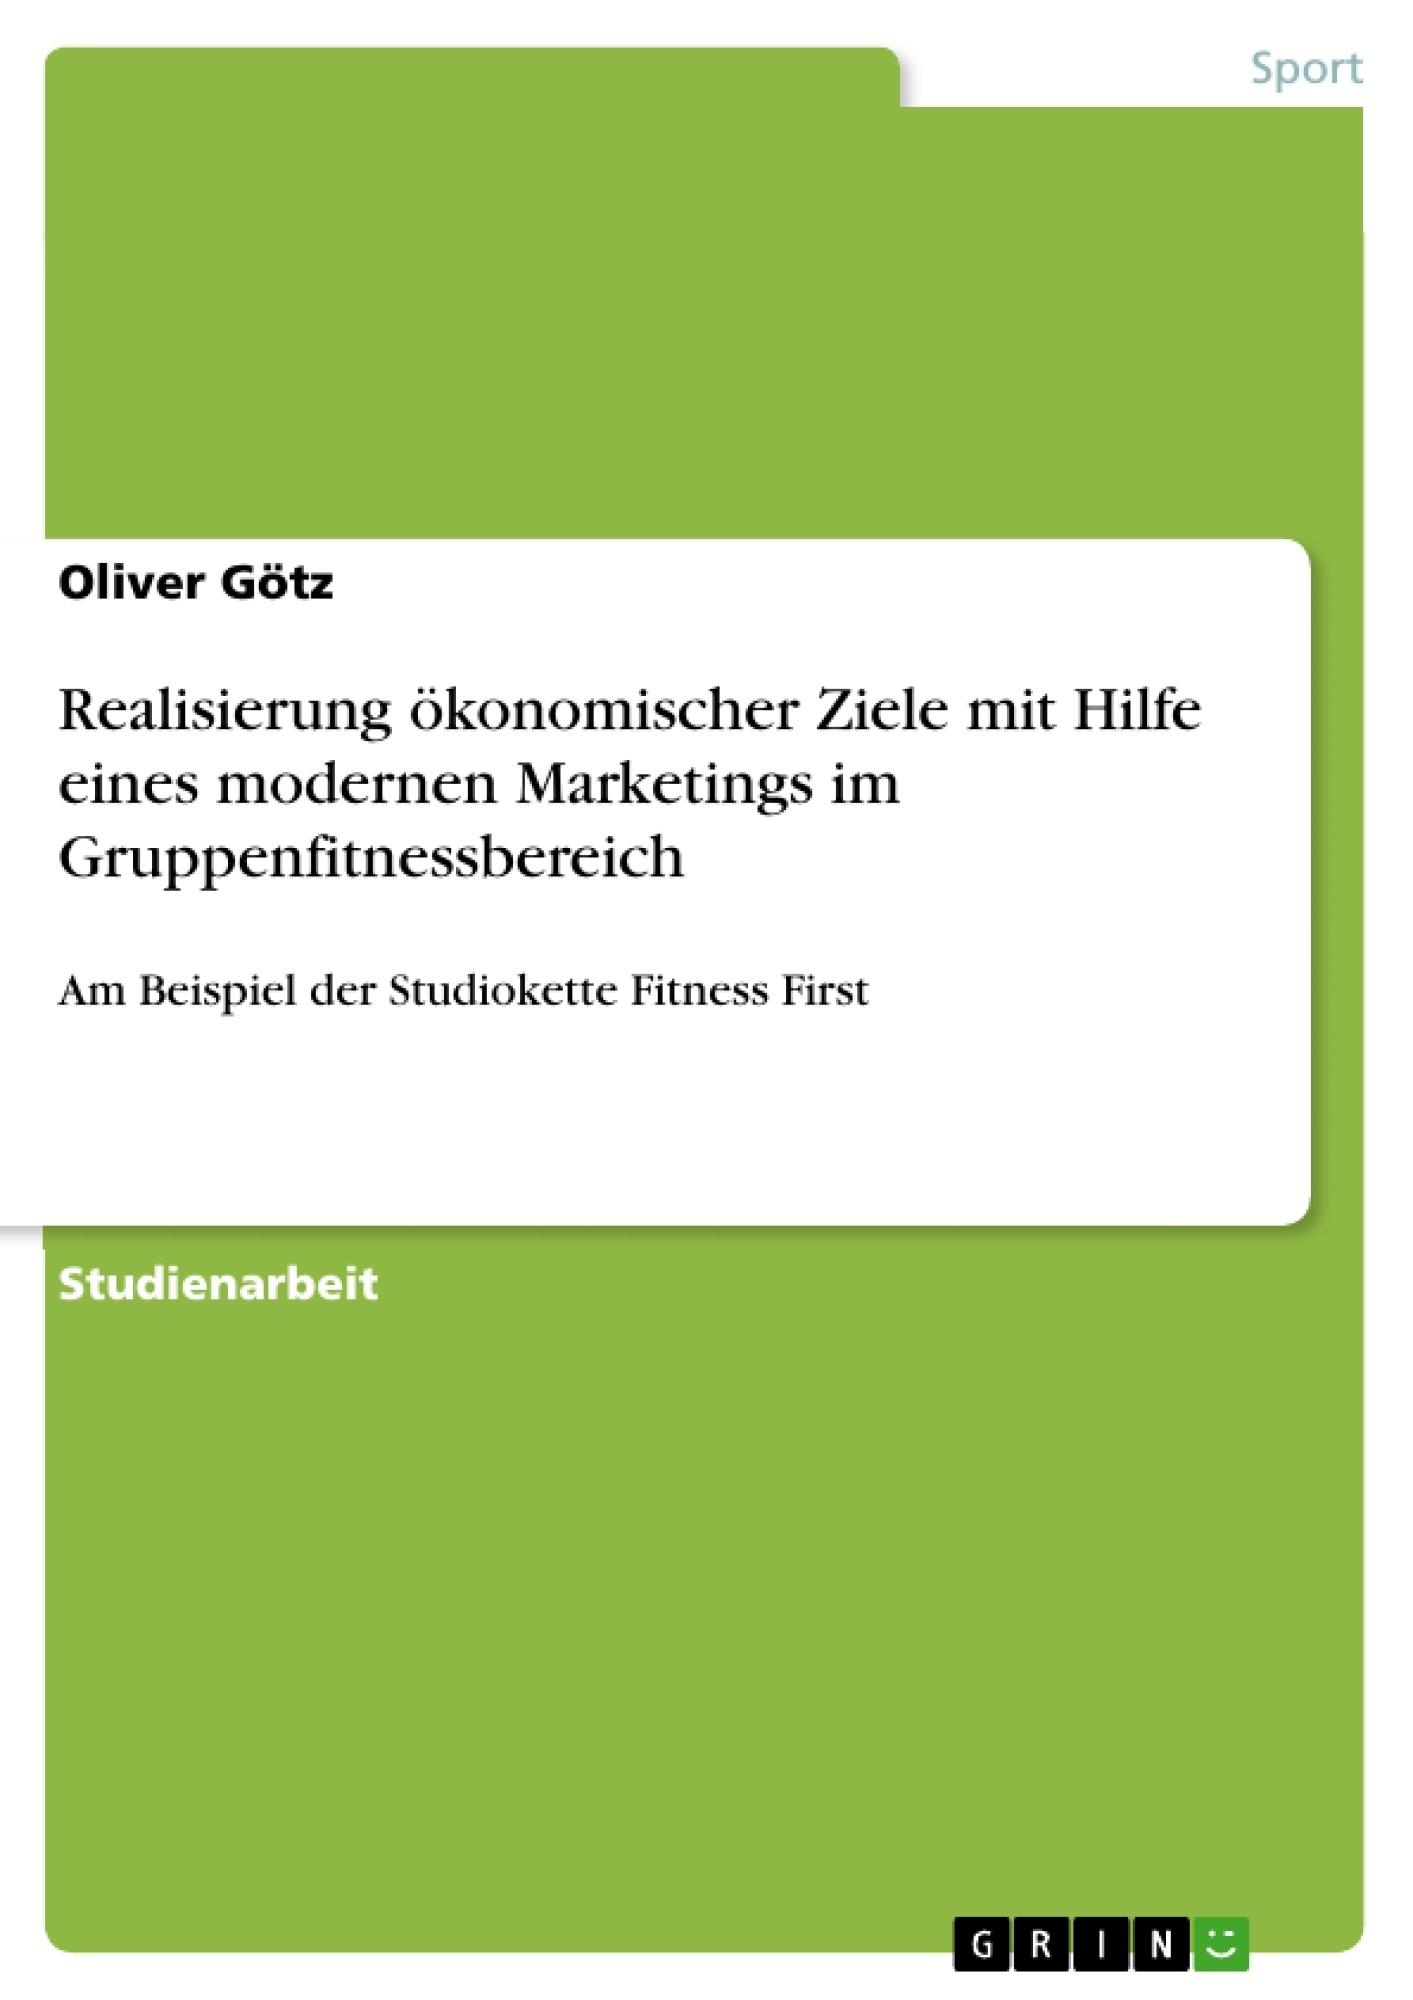 Titel: Realisierung ökonomischer Ziele mit Hilfe eines modernen Marketings im Gruppenfitnessbereich